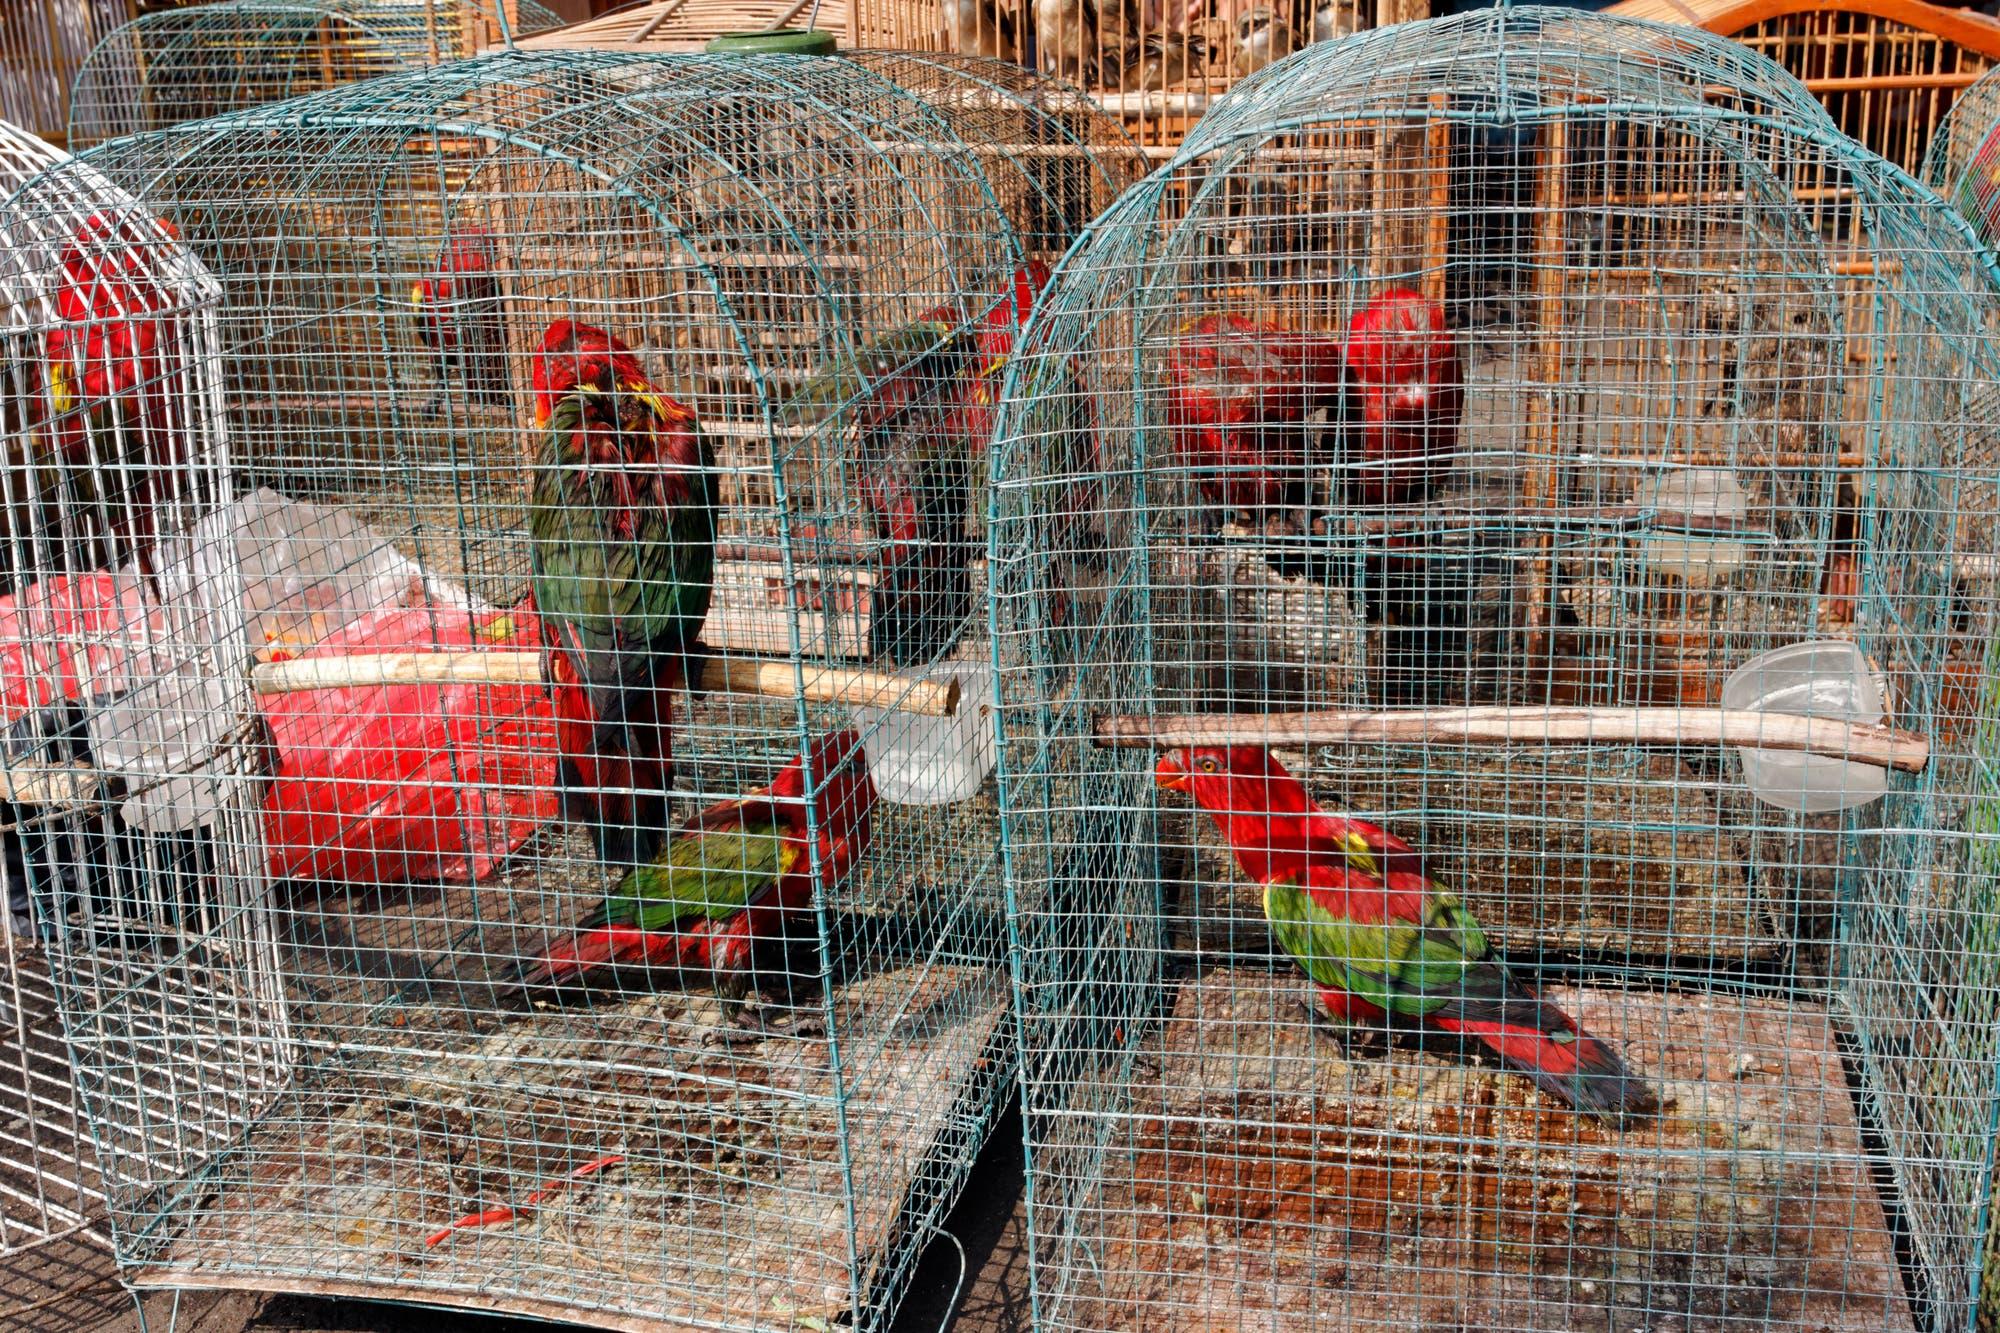 Bei diesen Papageien auf einem indonesischen Vogelmarkt handelt es sich um geschützte Arten, ihr Verkauf ist verboten. Aber nur in der Theorie: Der Handel wird nicht geahndet.